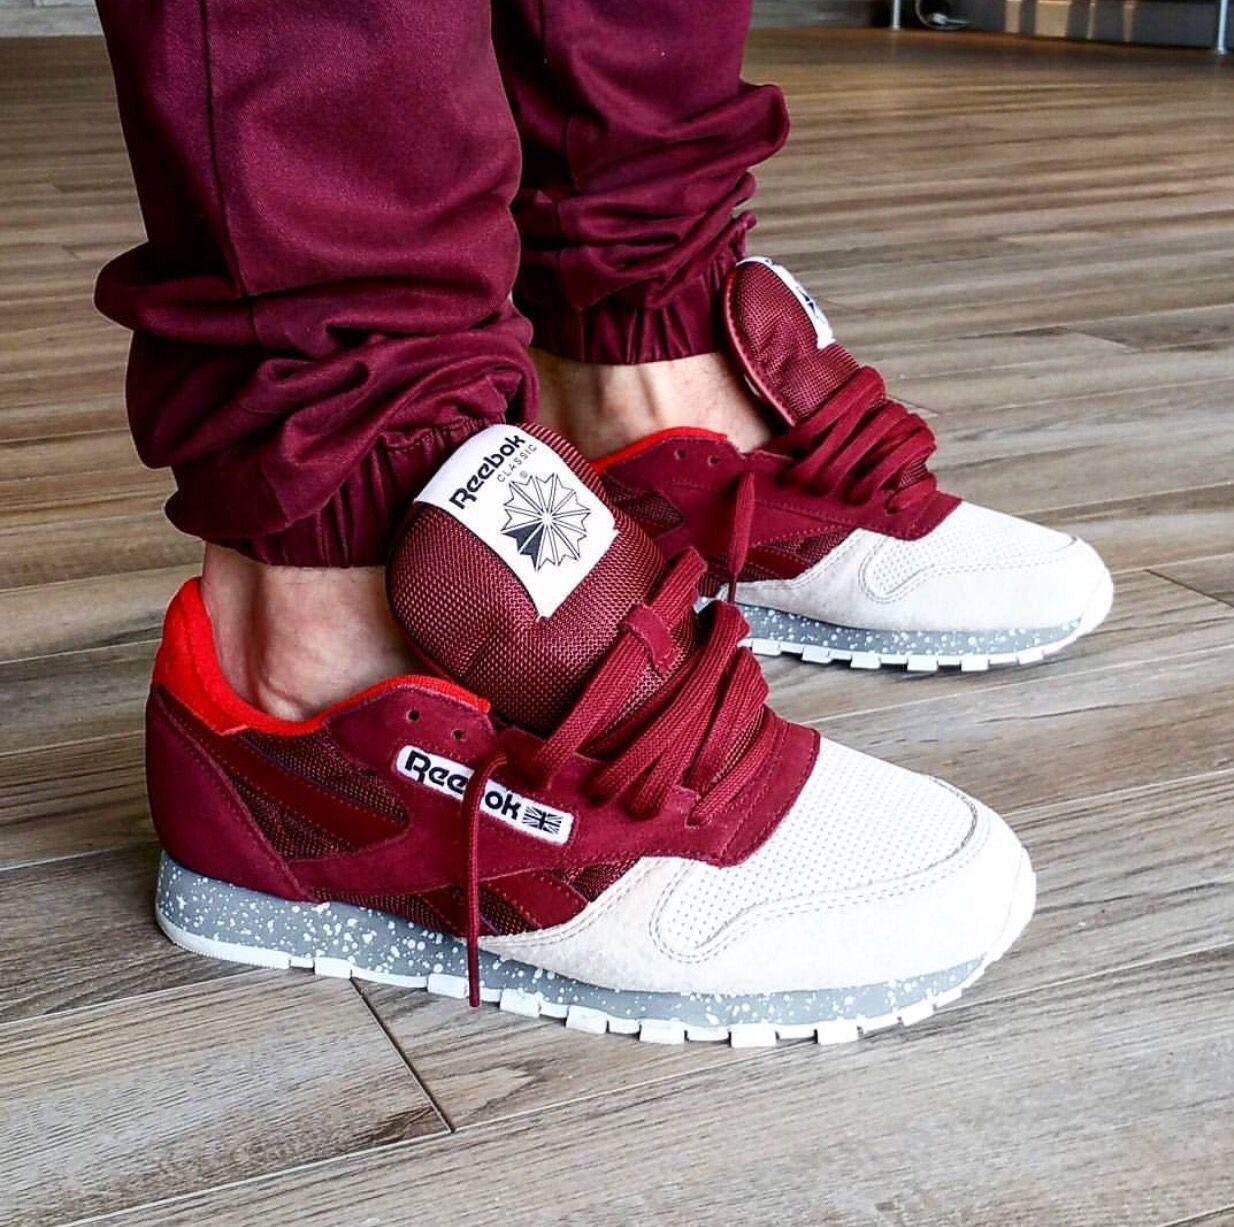 Pin de ariel fernandez en moda | Zapatos hombre deportivos